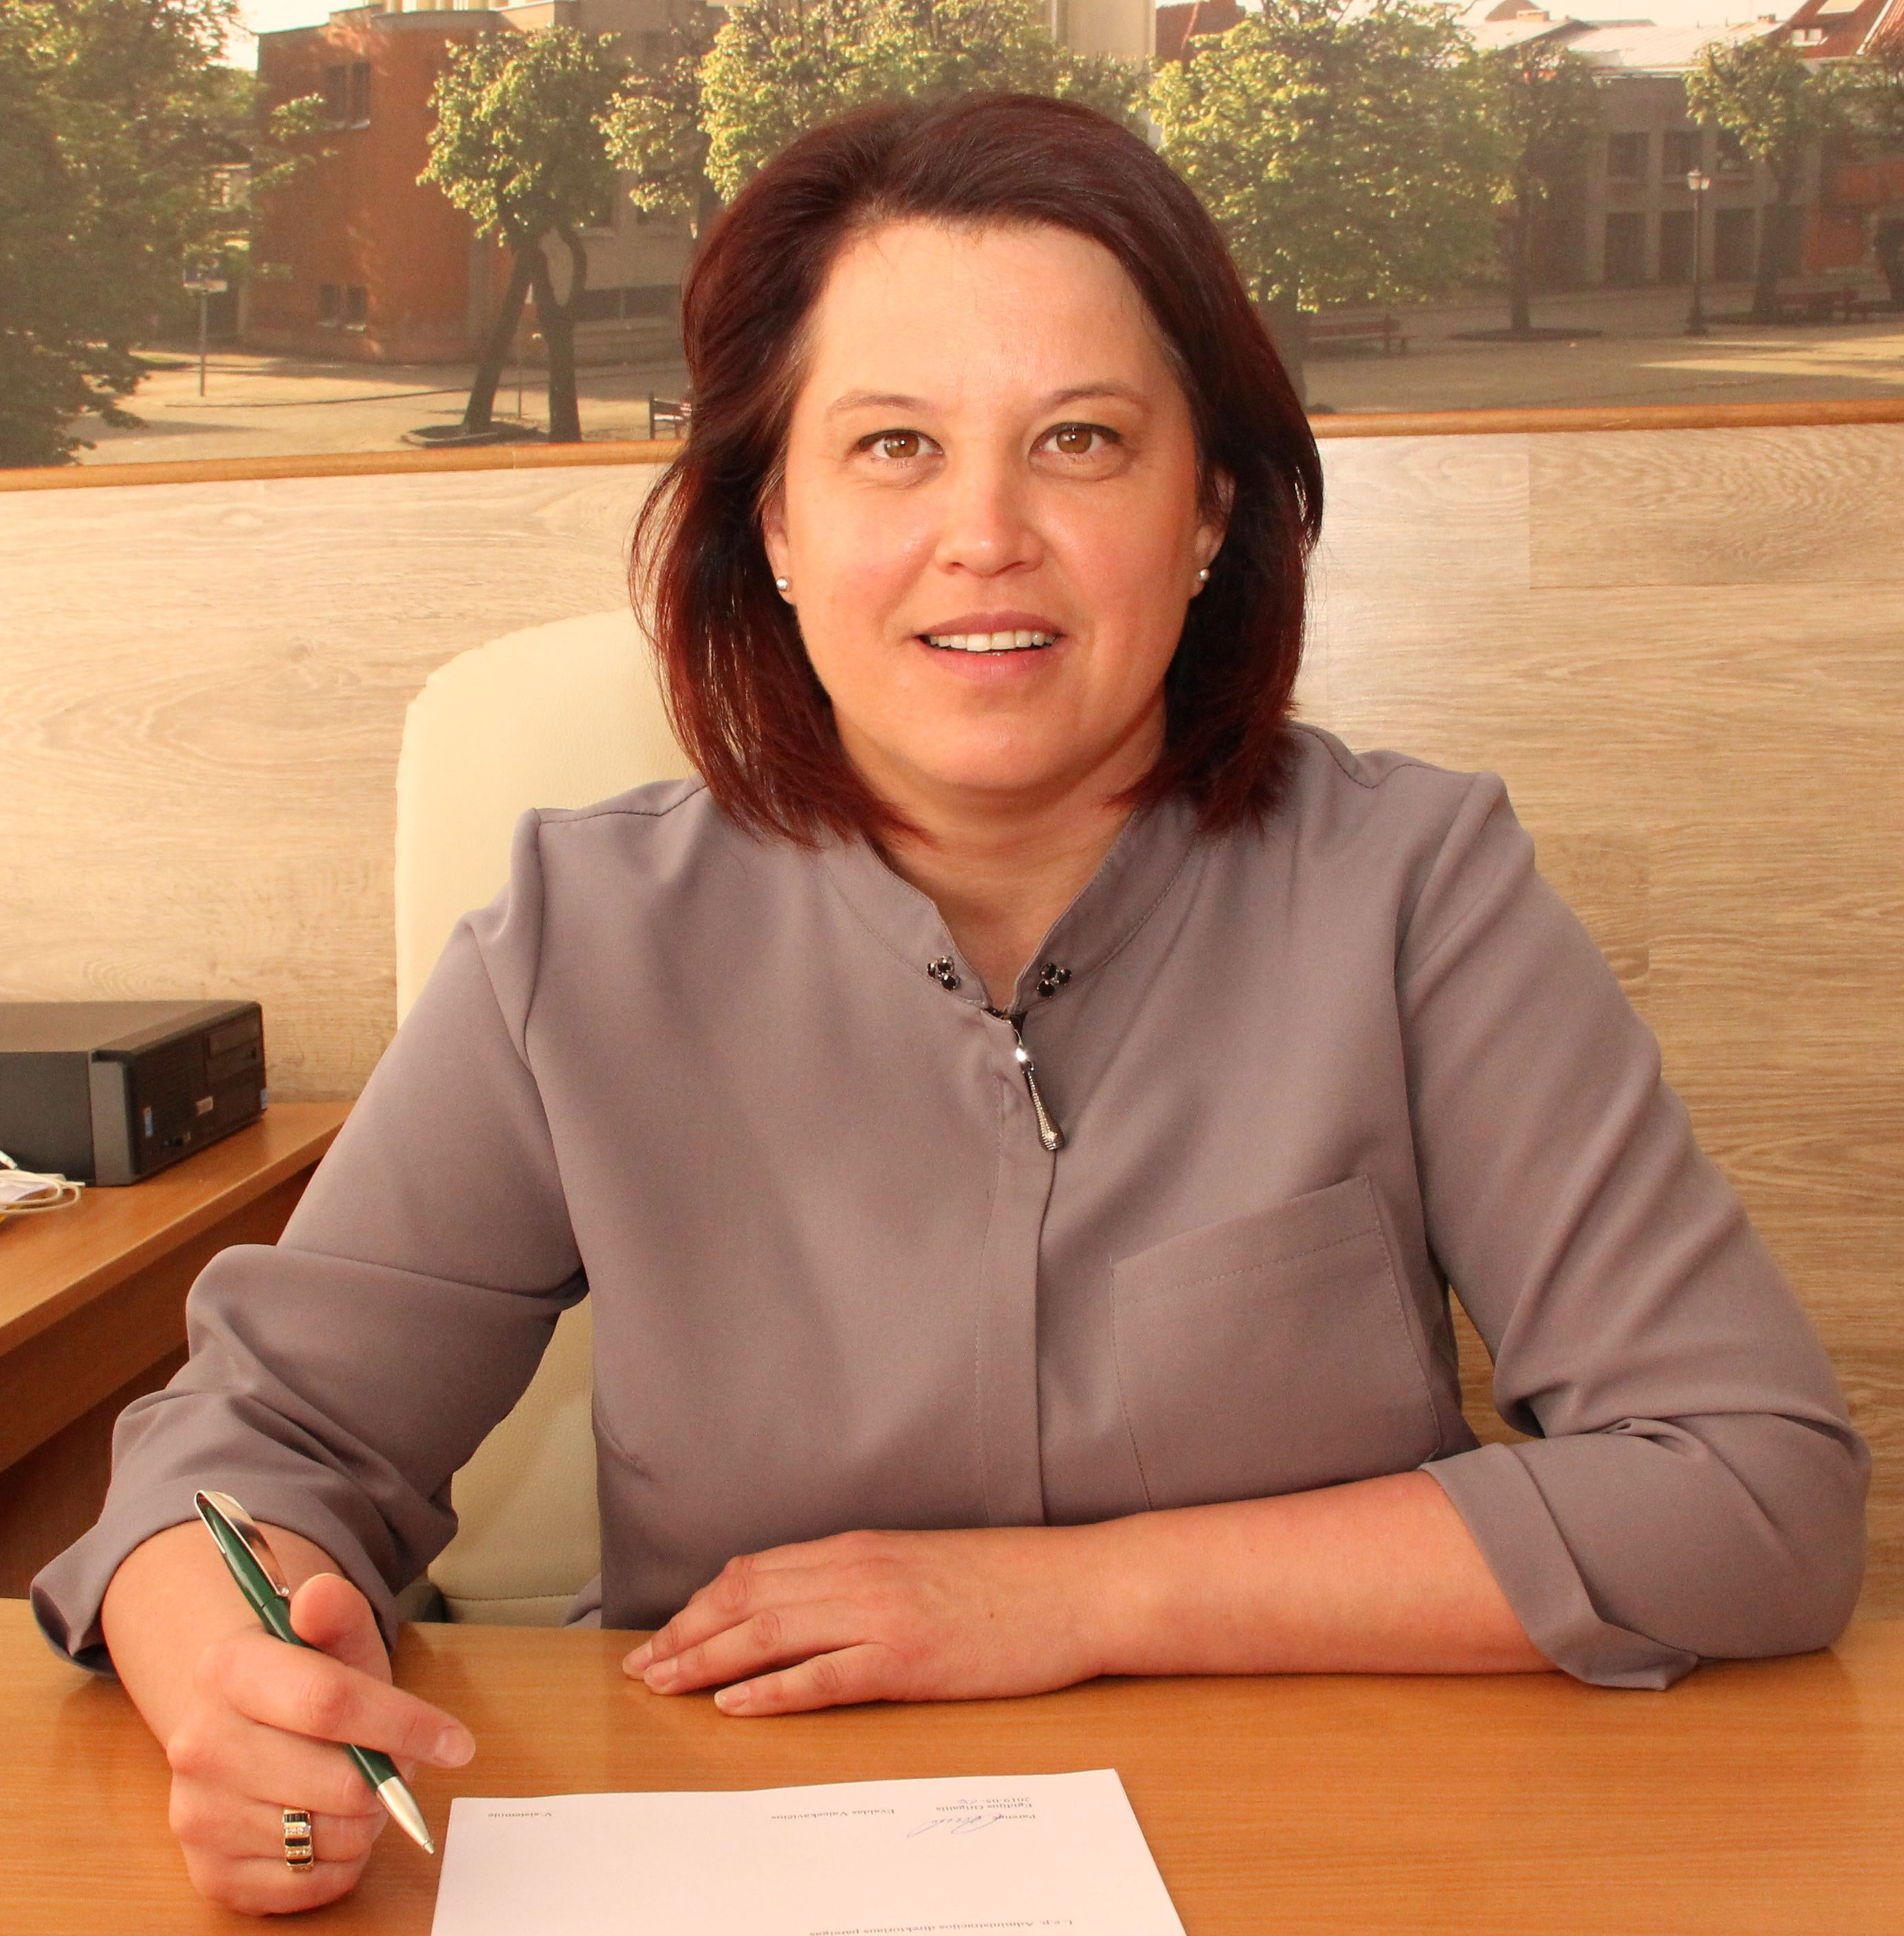 Kristina Kemešienė džiaugiasi, kad savivaldybė sugebėjo įgyvendinti projektus anksčiau nei planuota.